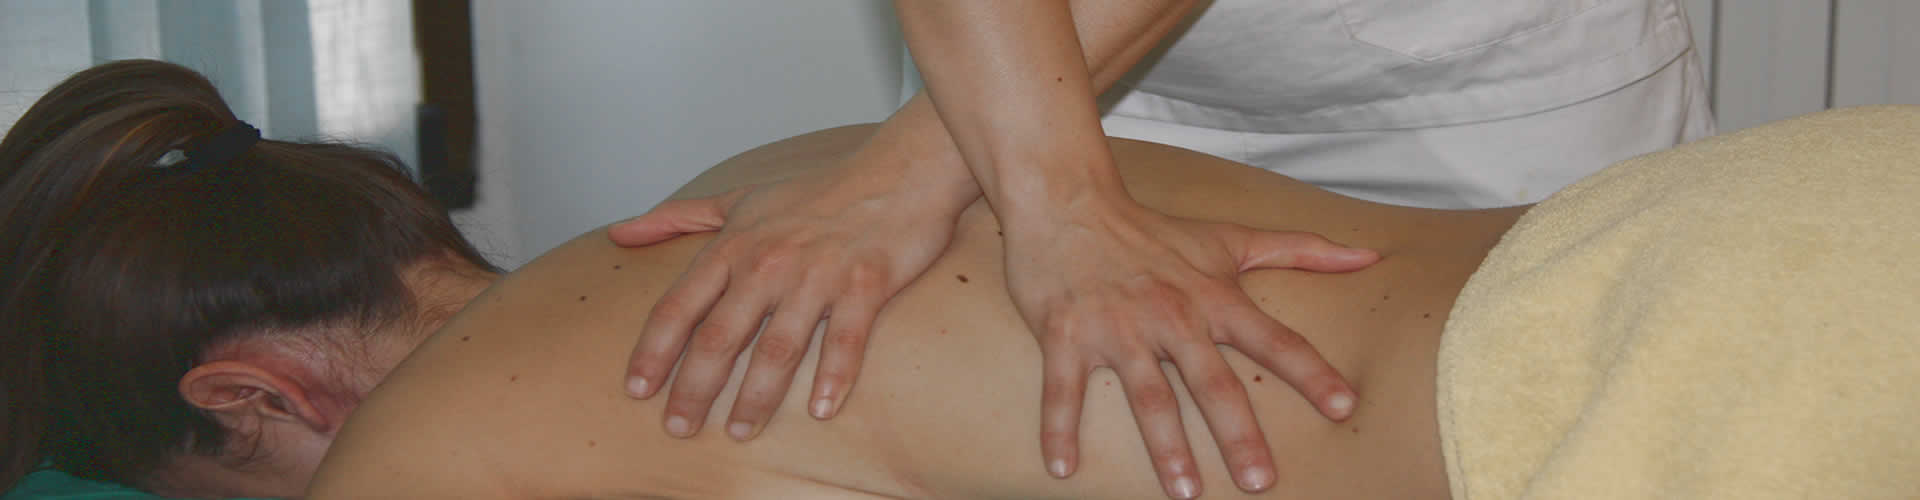 fisioterapeutas y osteopatas especializados